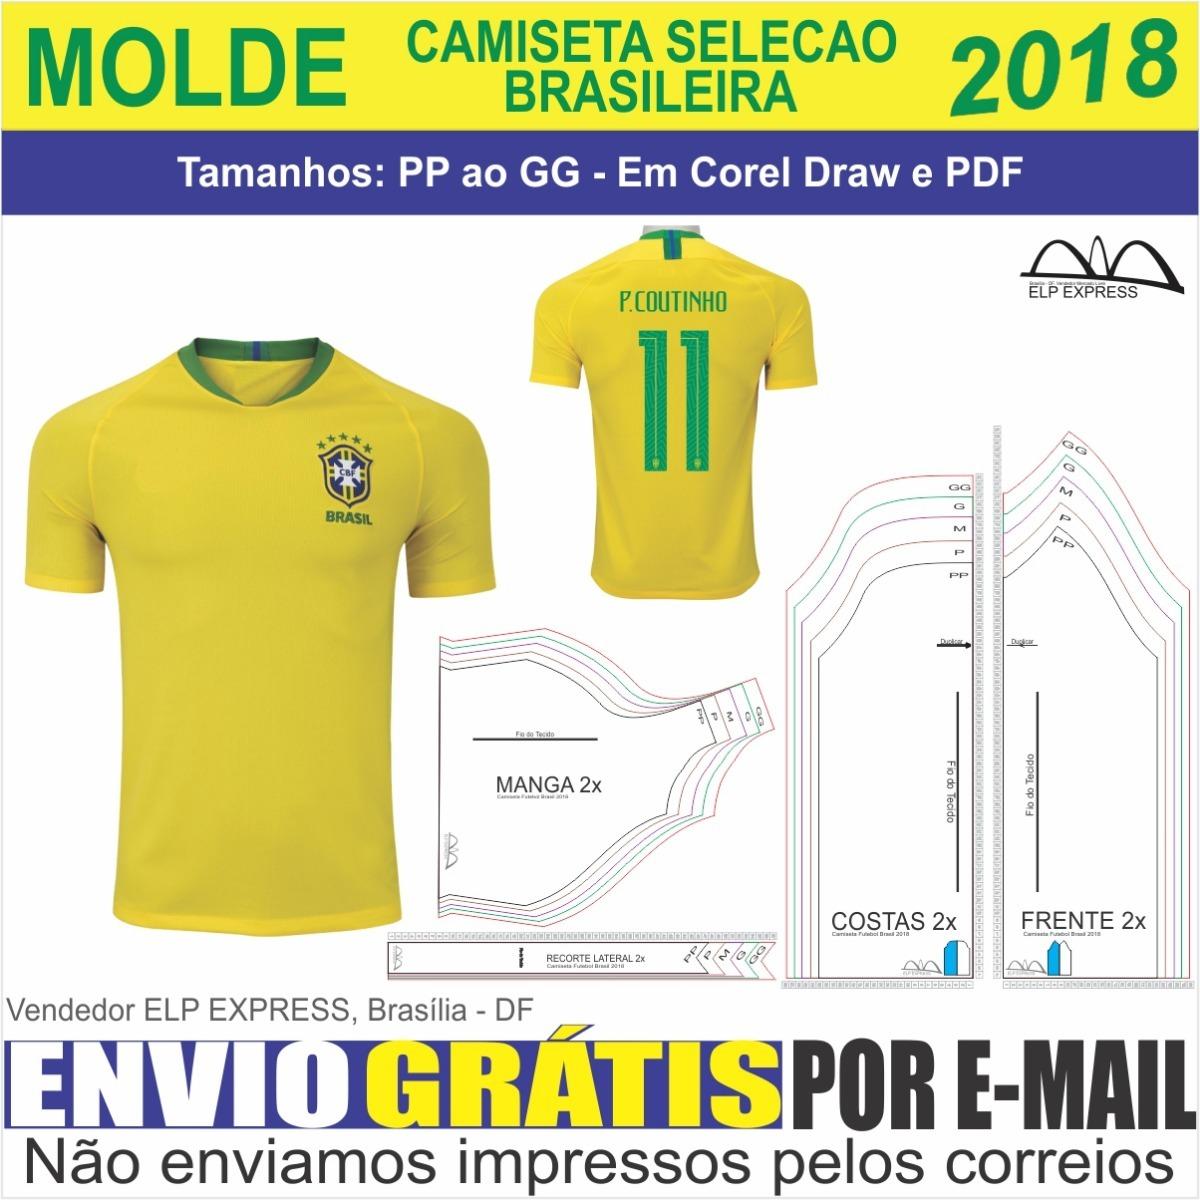 31fd302c93 Molde Camiseta Seleção Brasileira 2018 (pp Ao Gg)+sublimação - R  14 ...